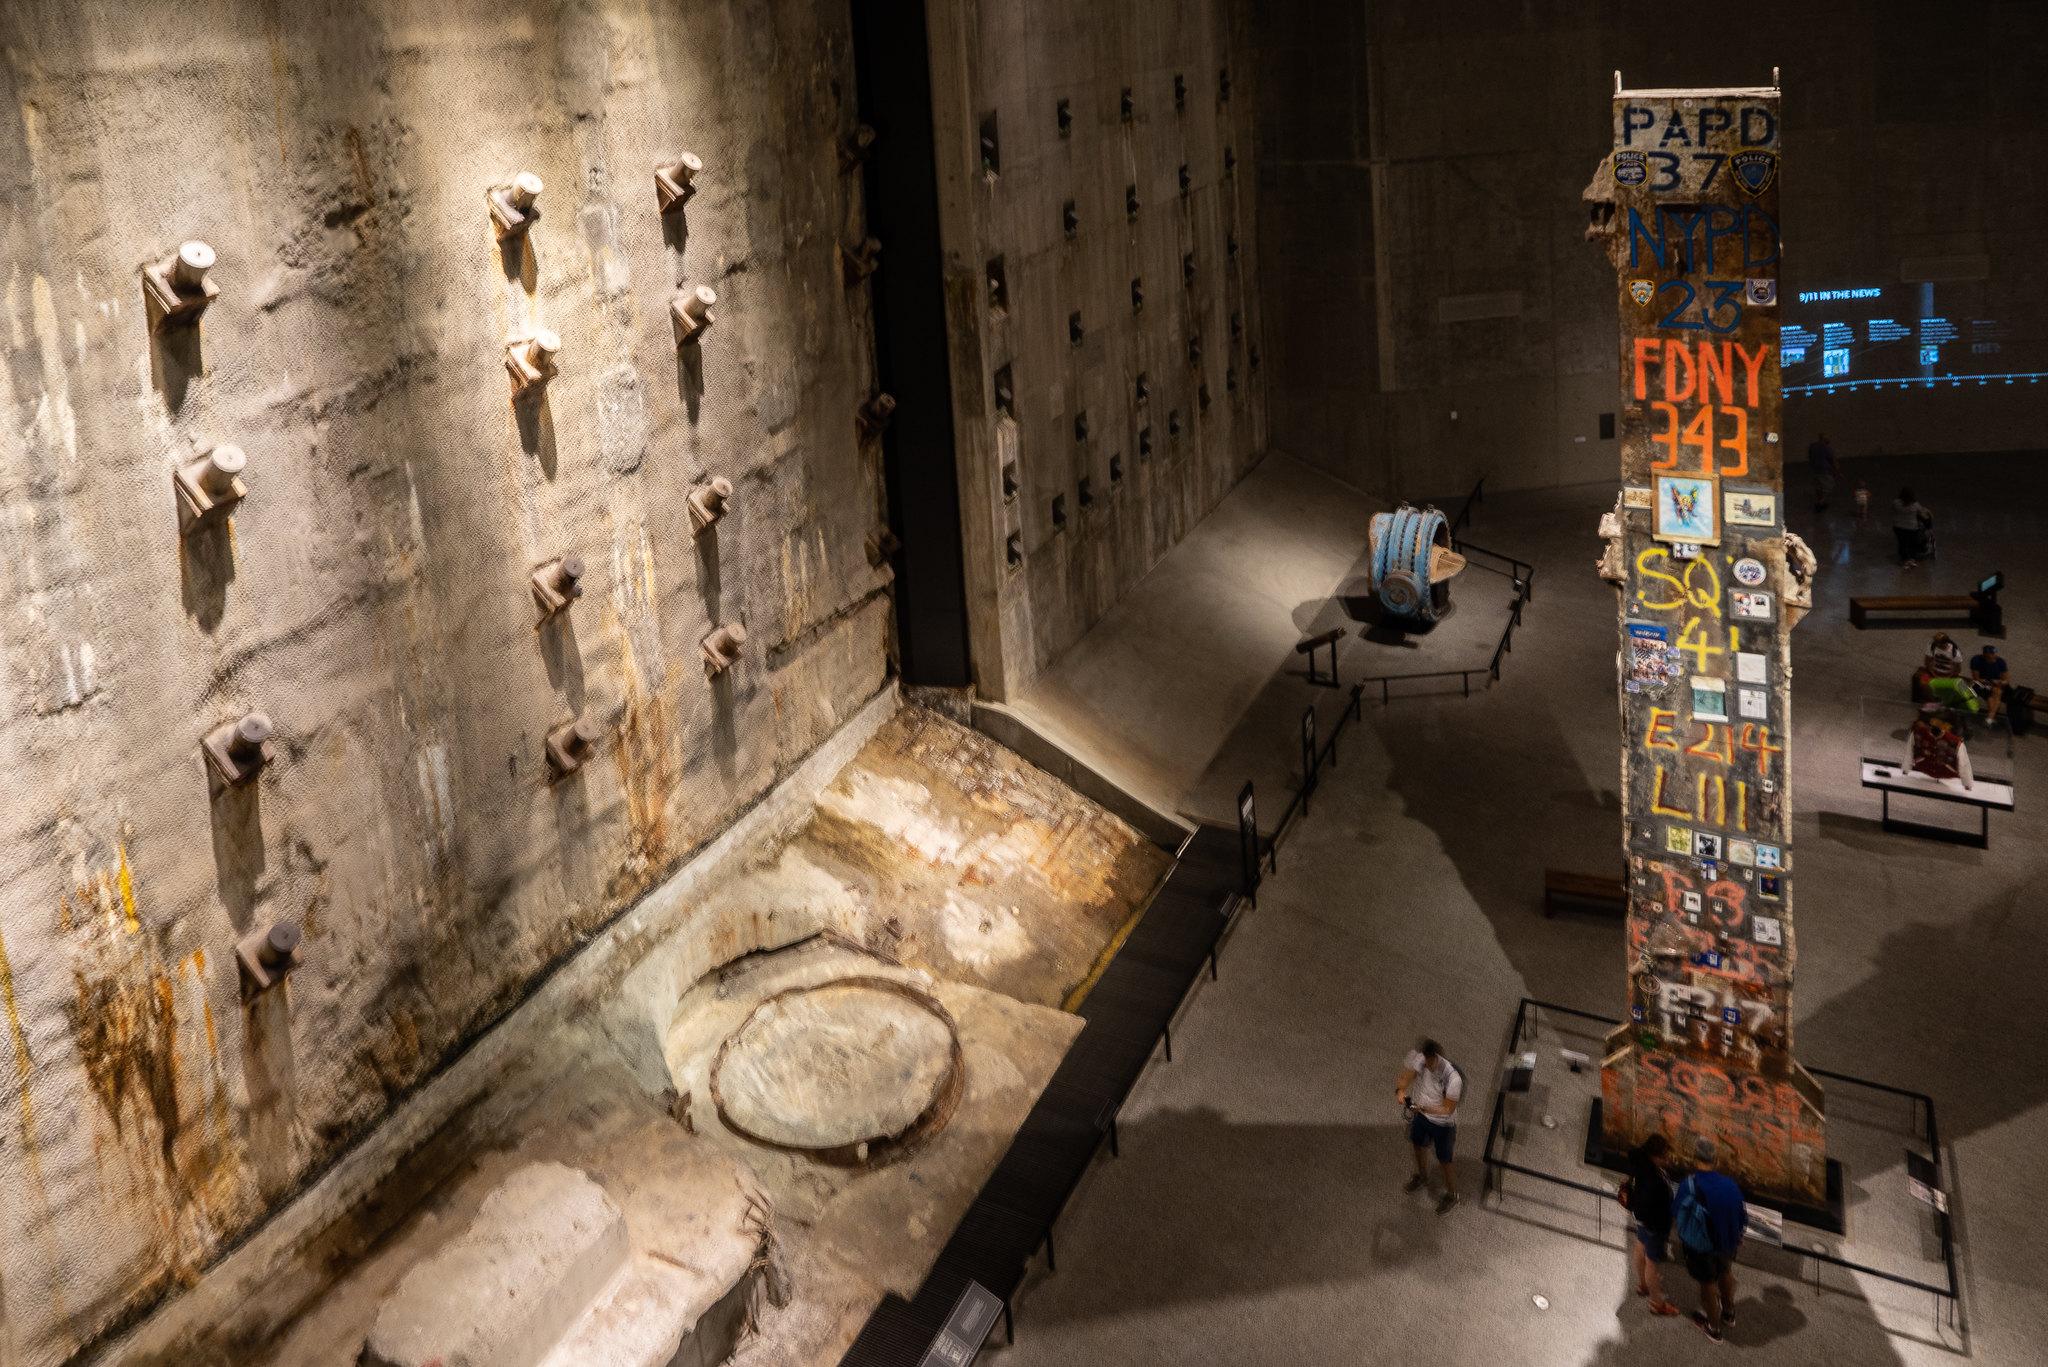 La 'Última Columna' en el Museo del 11S - Flickr/Frank Spieth